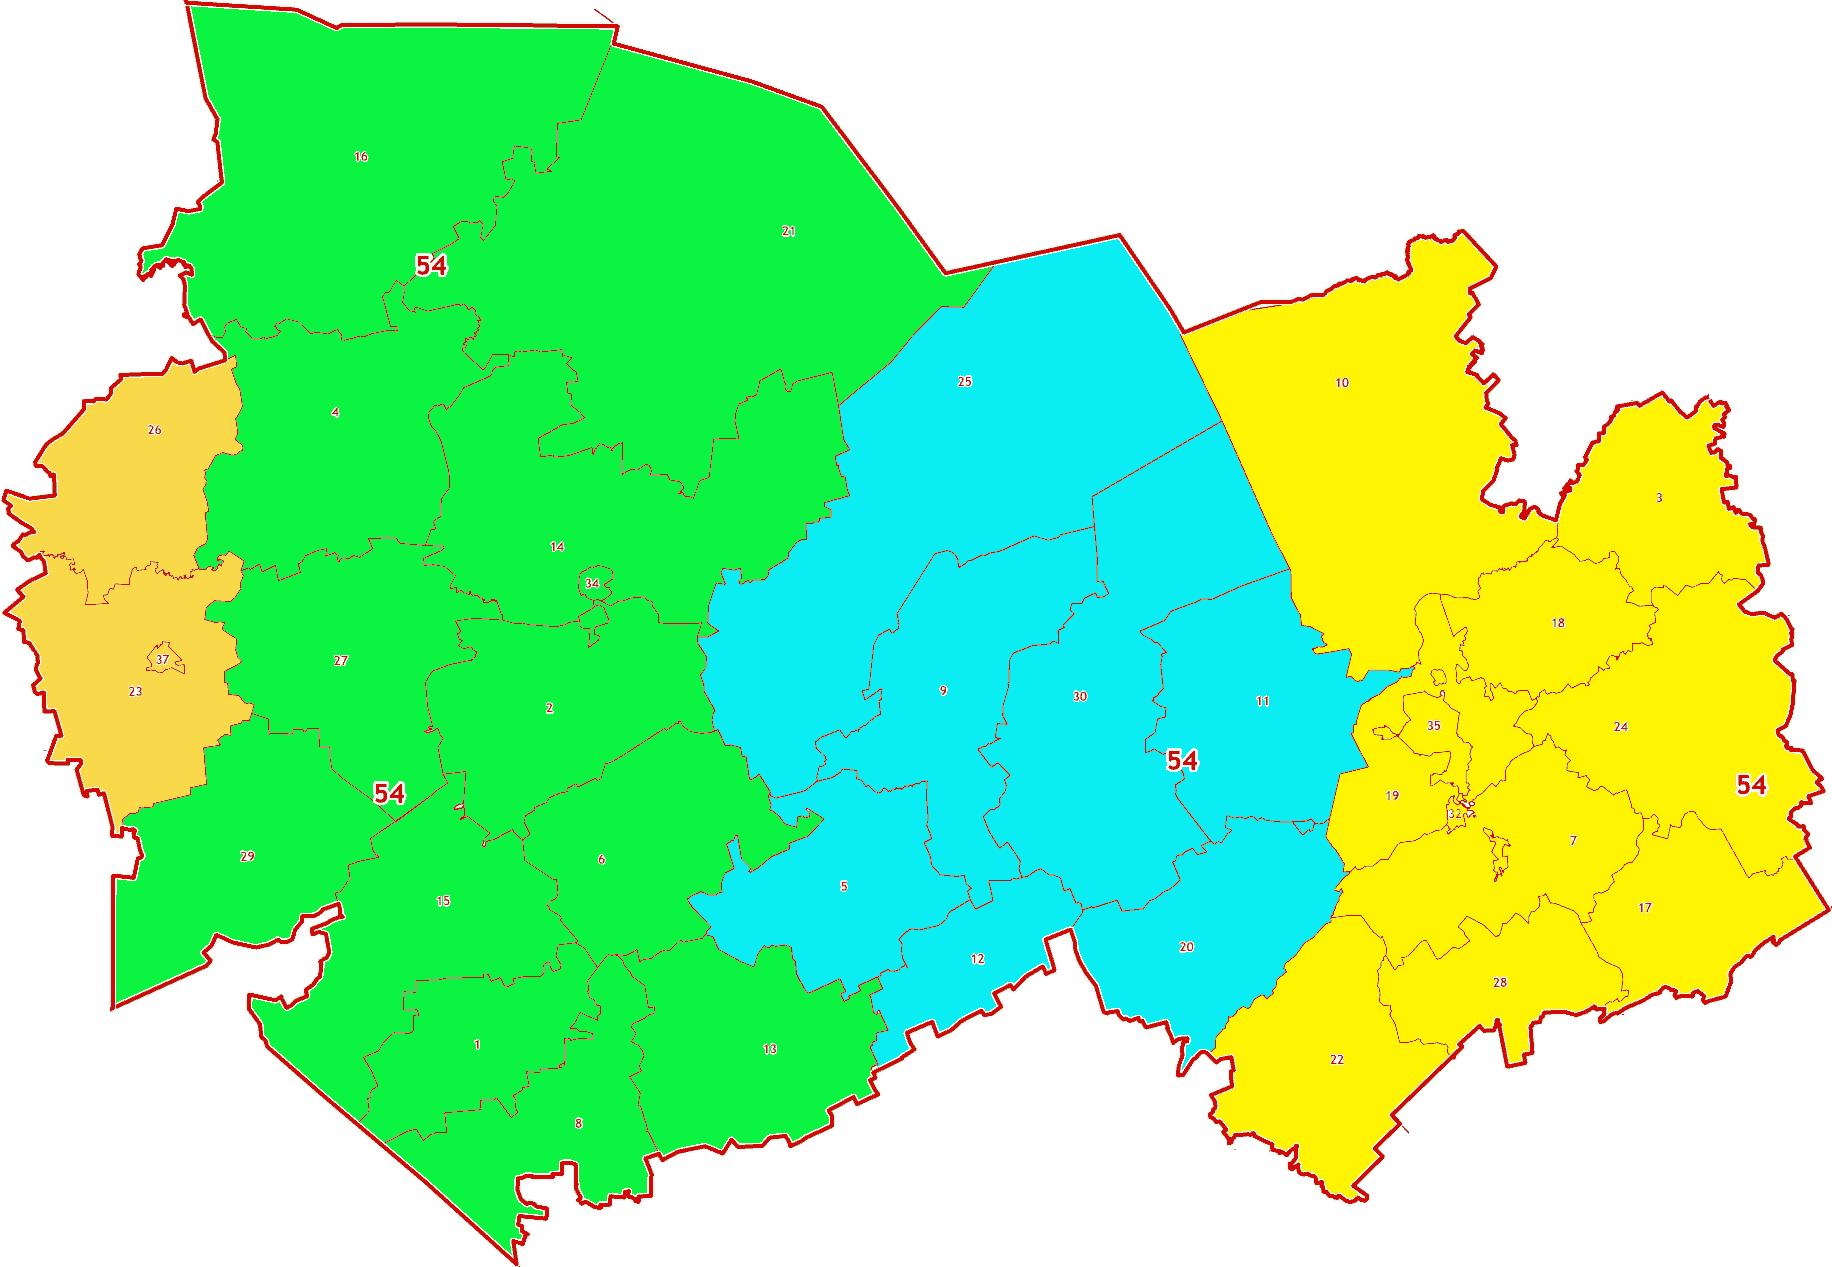 Зоны МСК-54 на территорию Новосибирской области